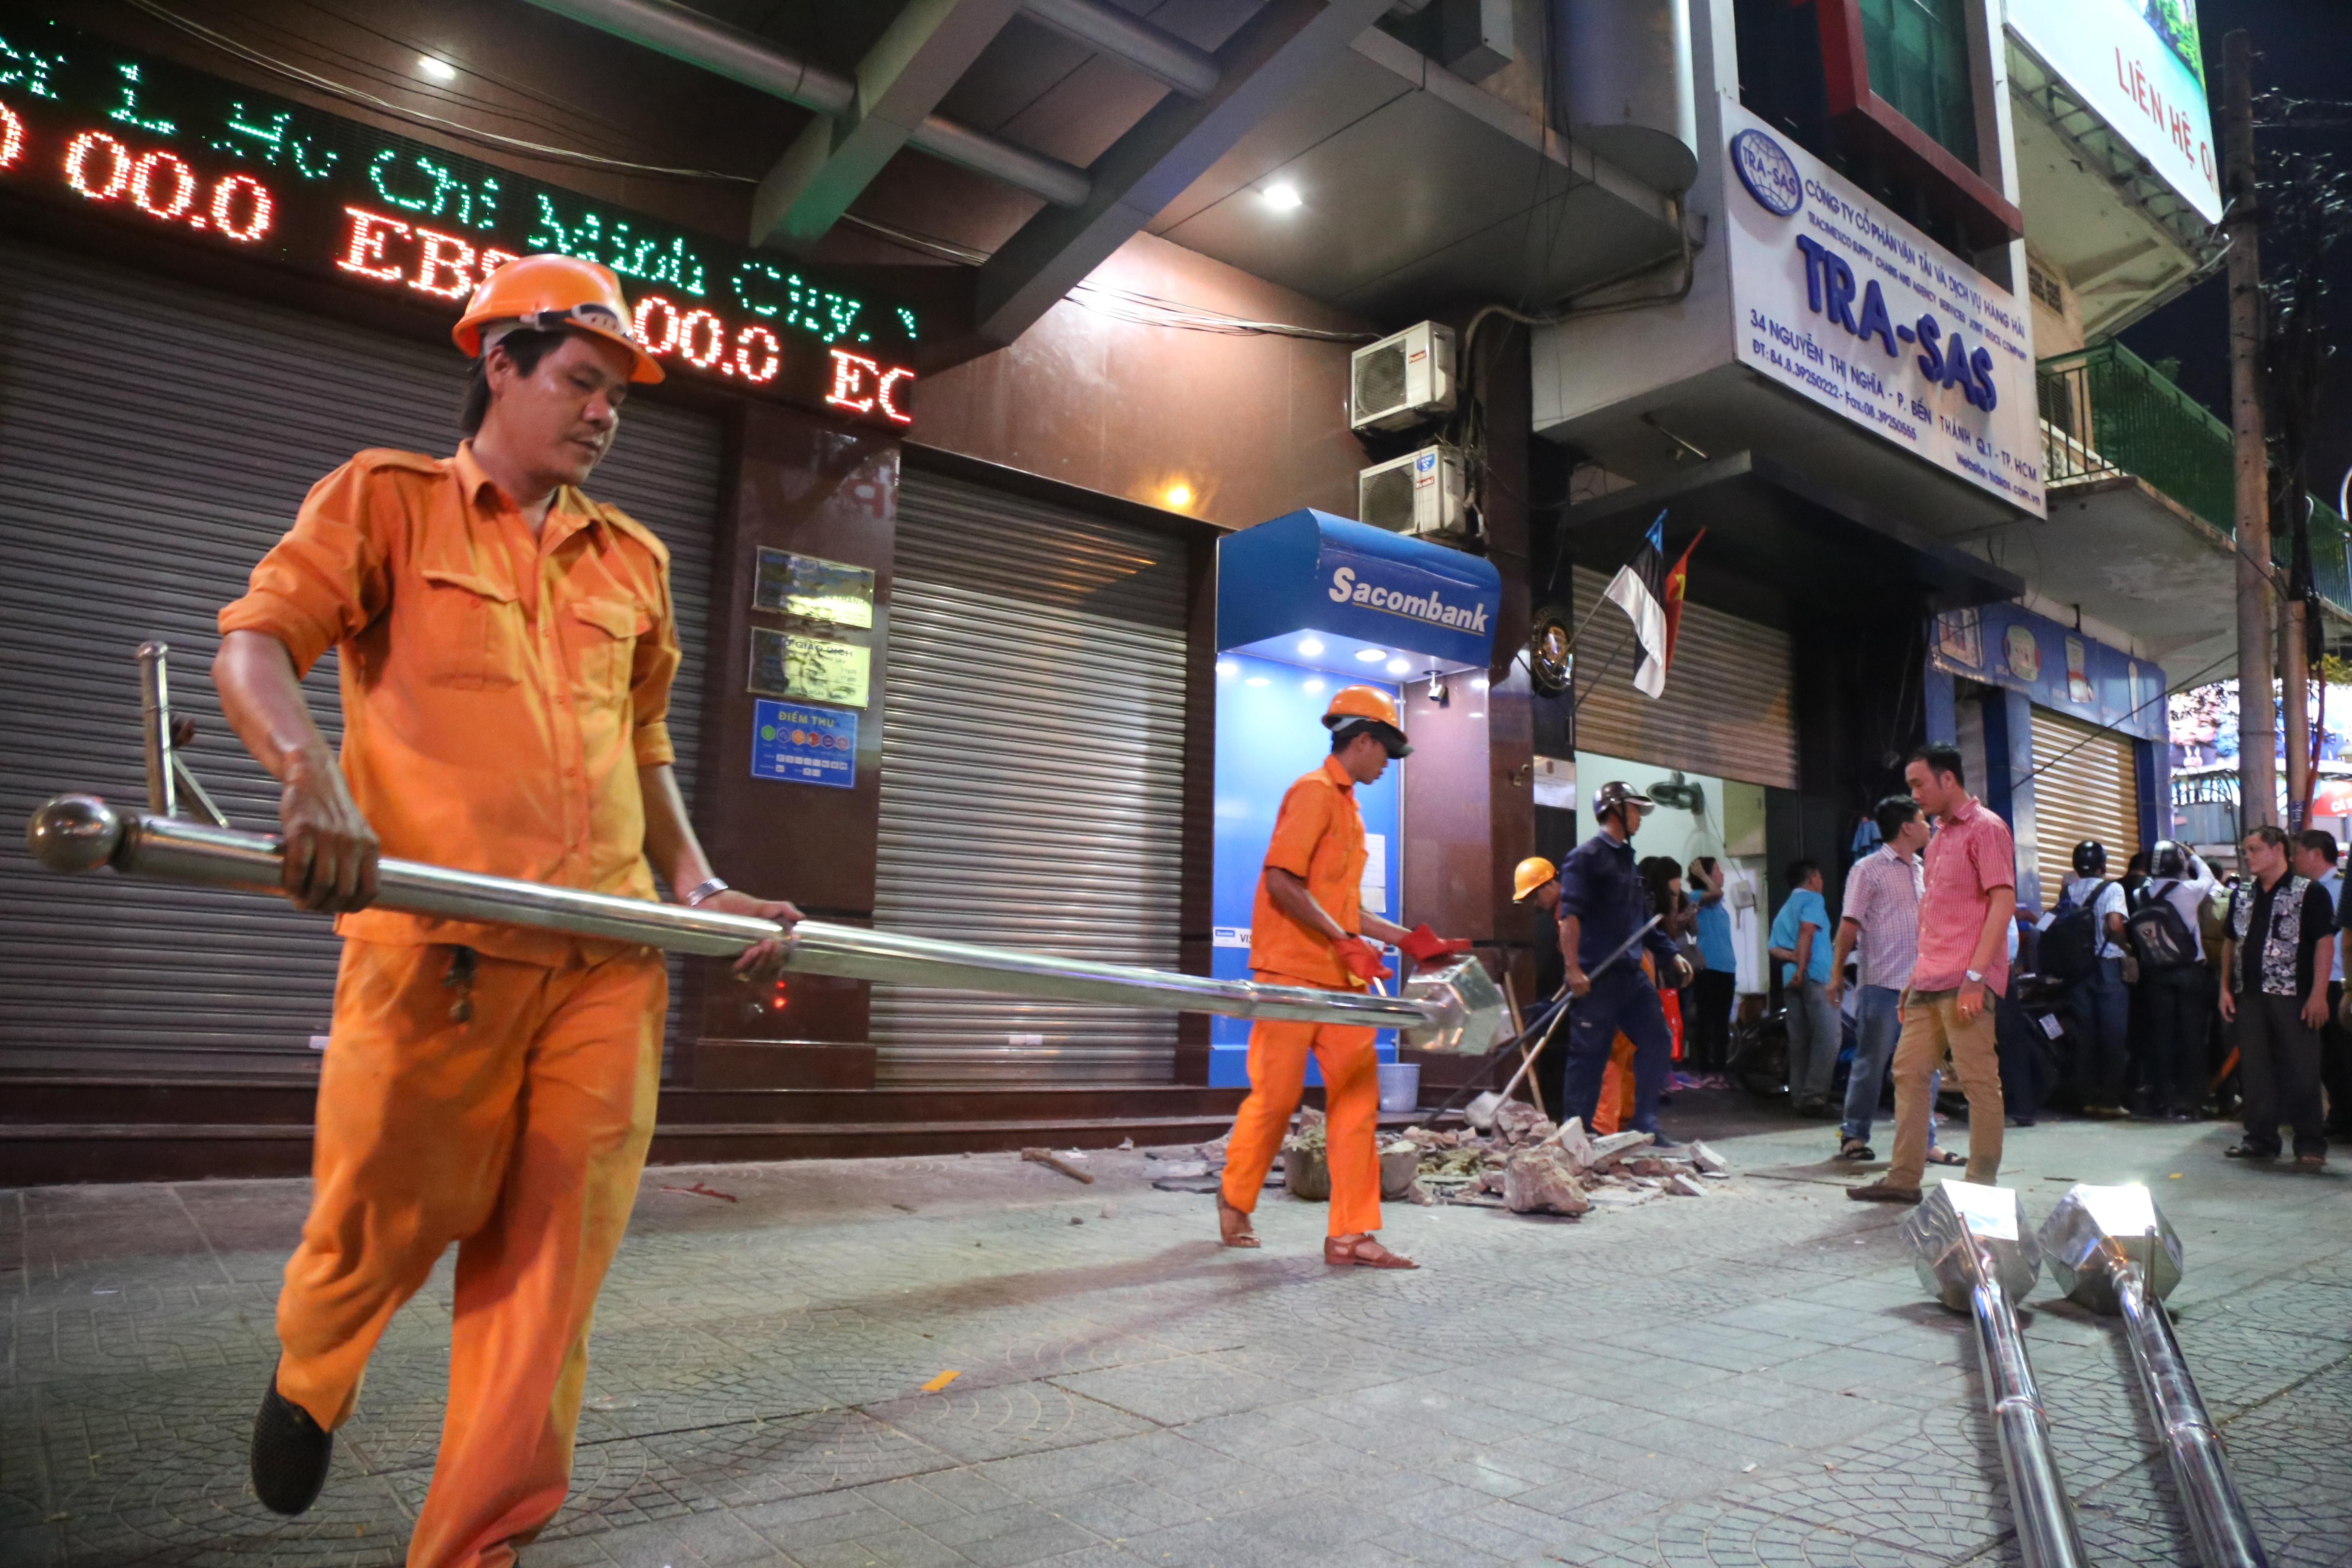 Quán café Starbucks ở ngã 6 Phù Đổng, Sài Gòn bị phá bỏ khu bồn hoa, bậc thềm vì lấn chiếm vỉa hè - Ảnh 6.